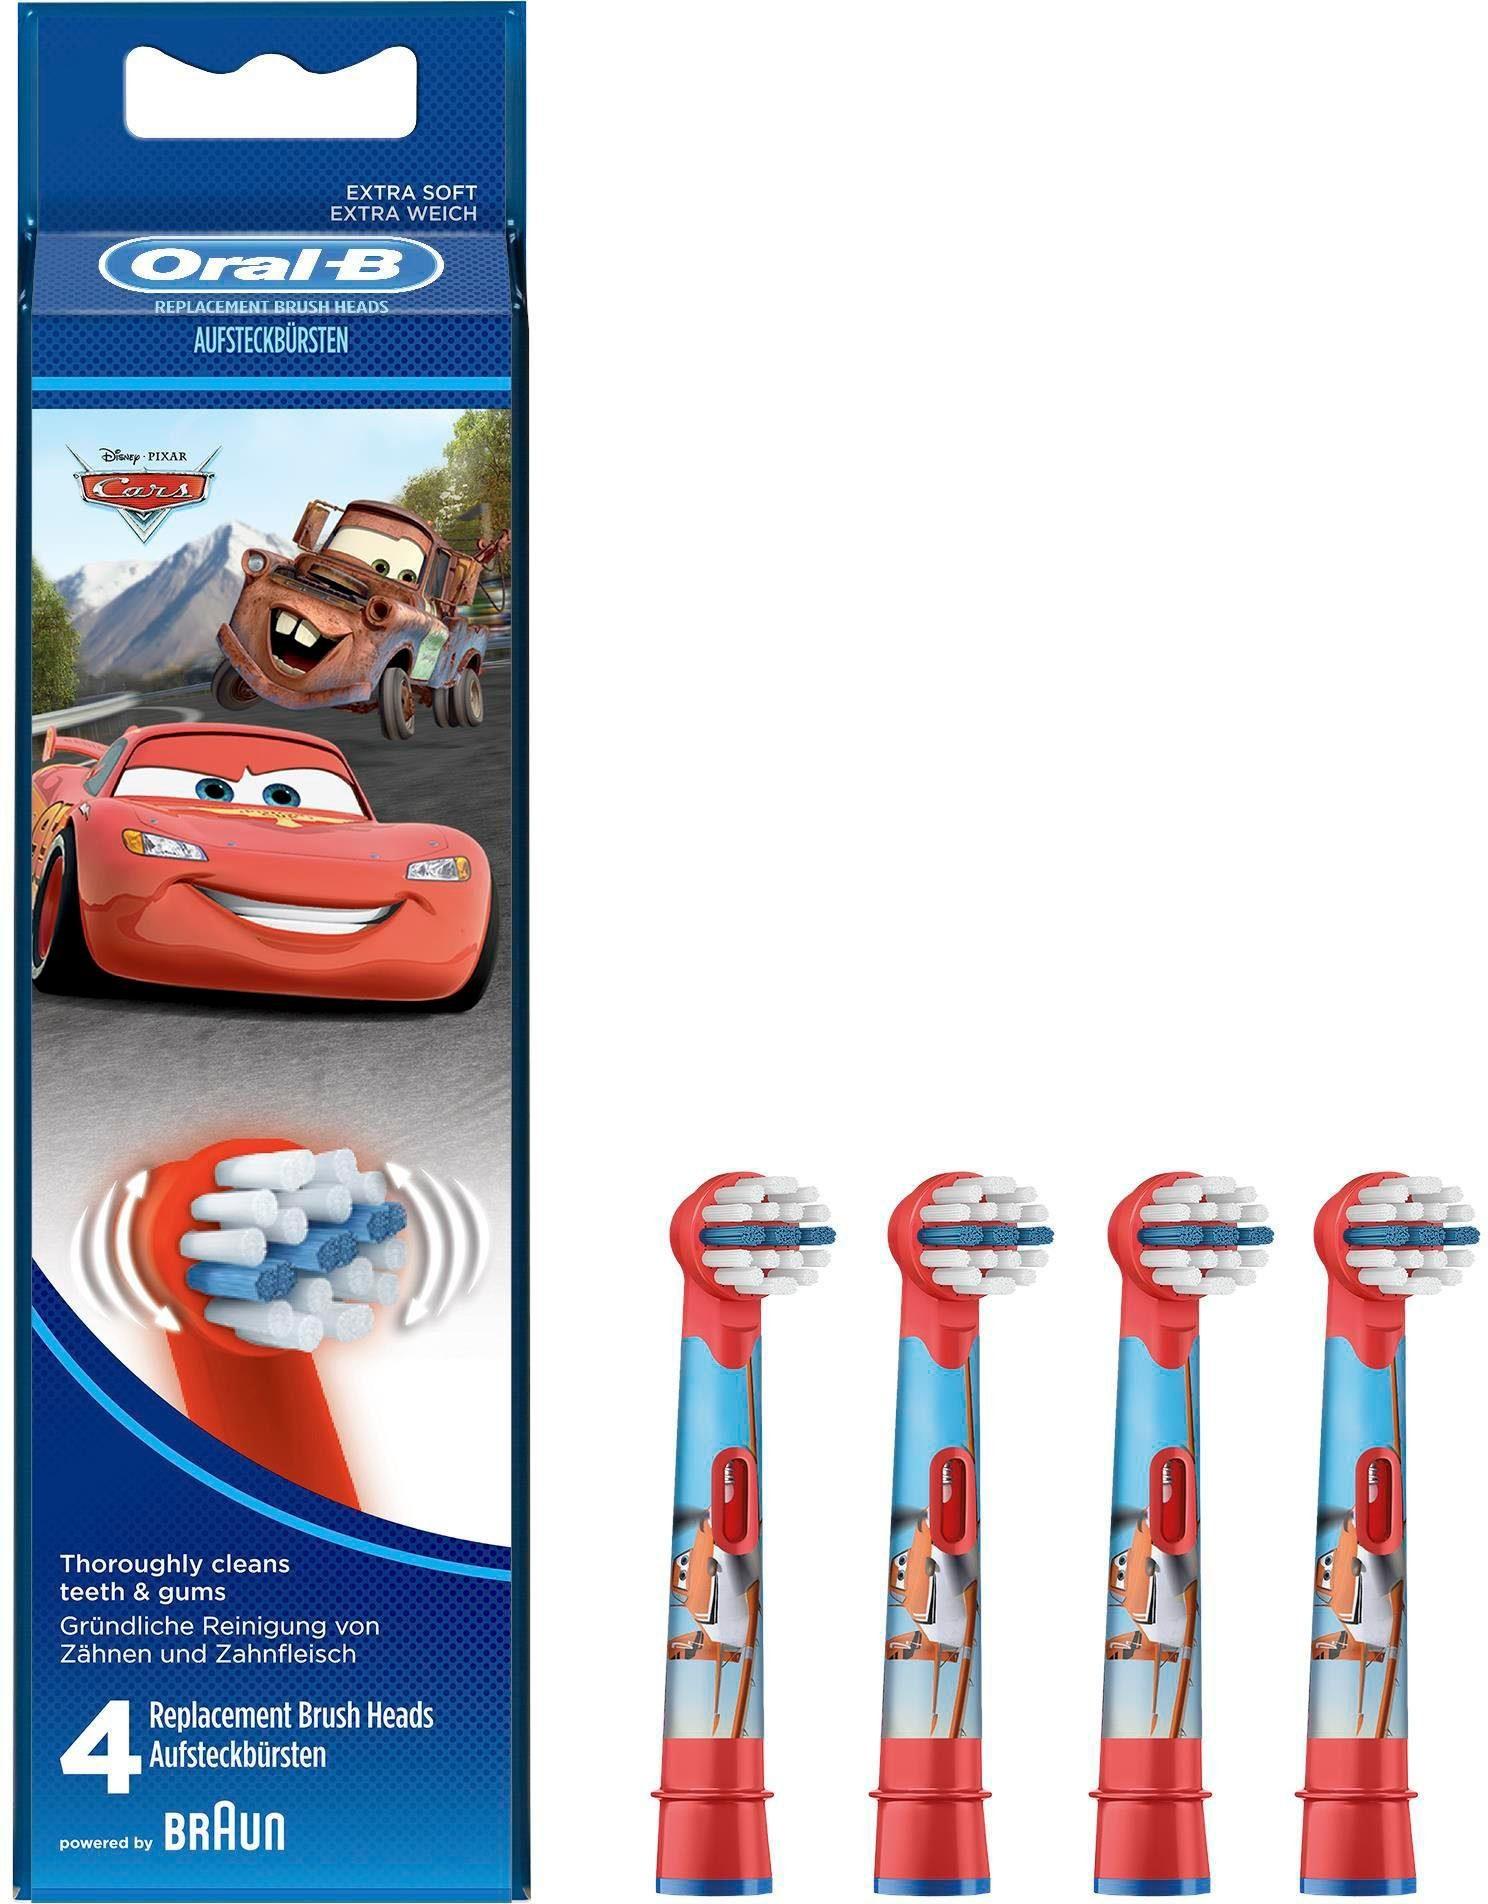 Oral-B Stages Aufsteckbürsten Mit Disney-Figuren, 4er Pack